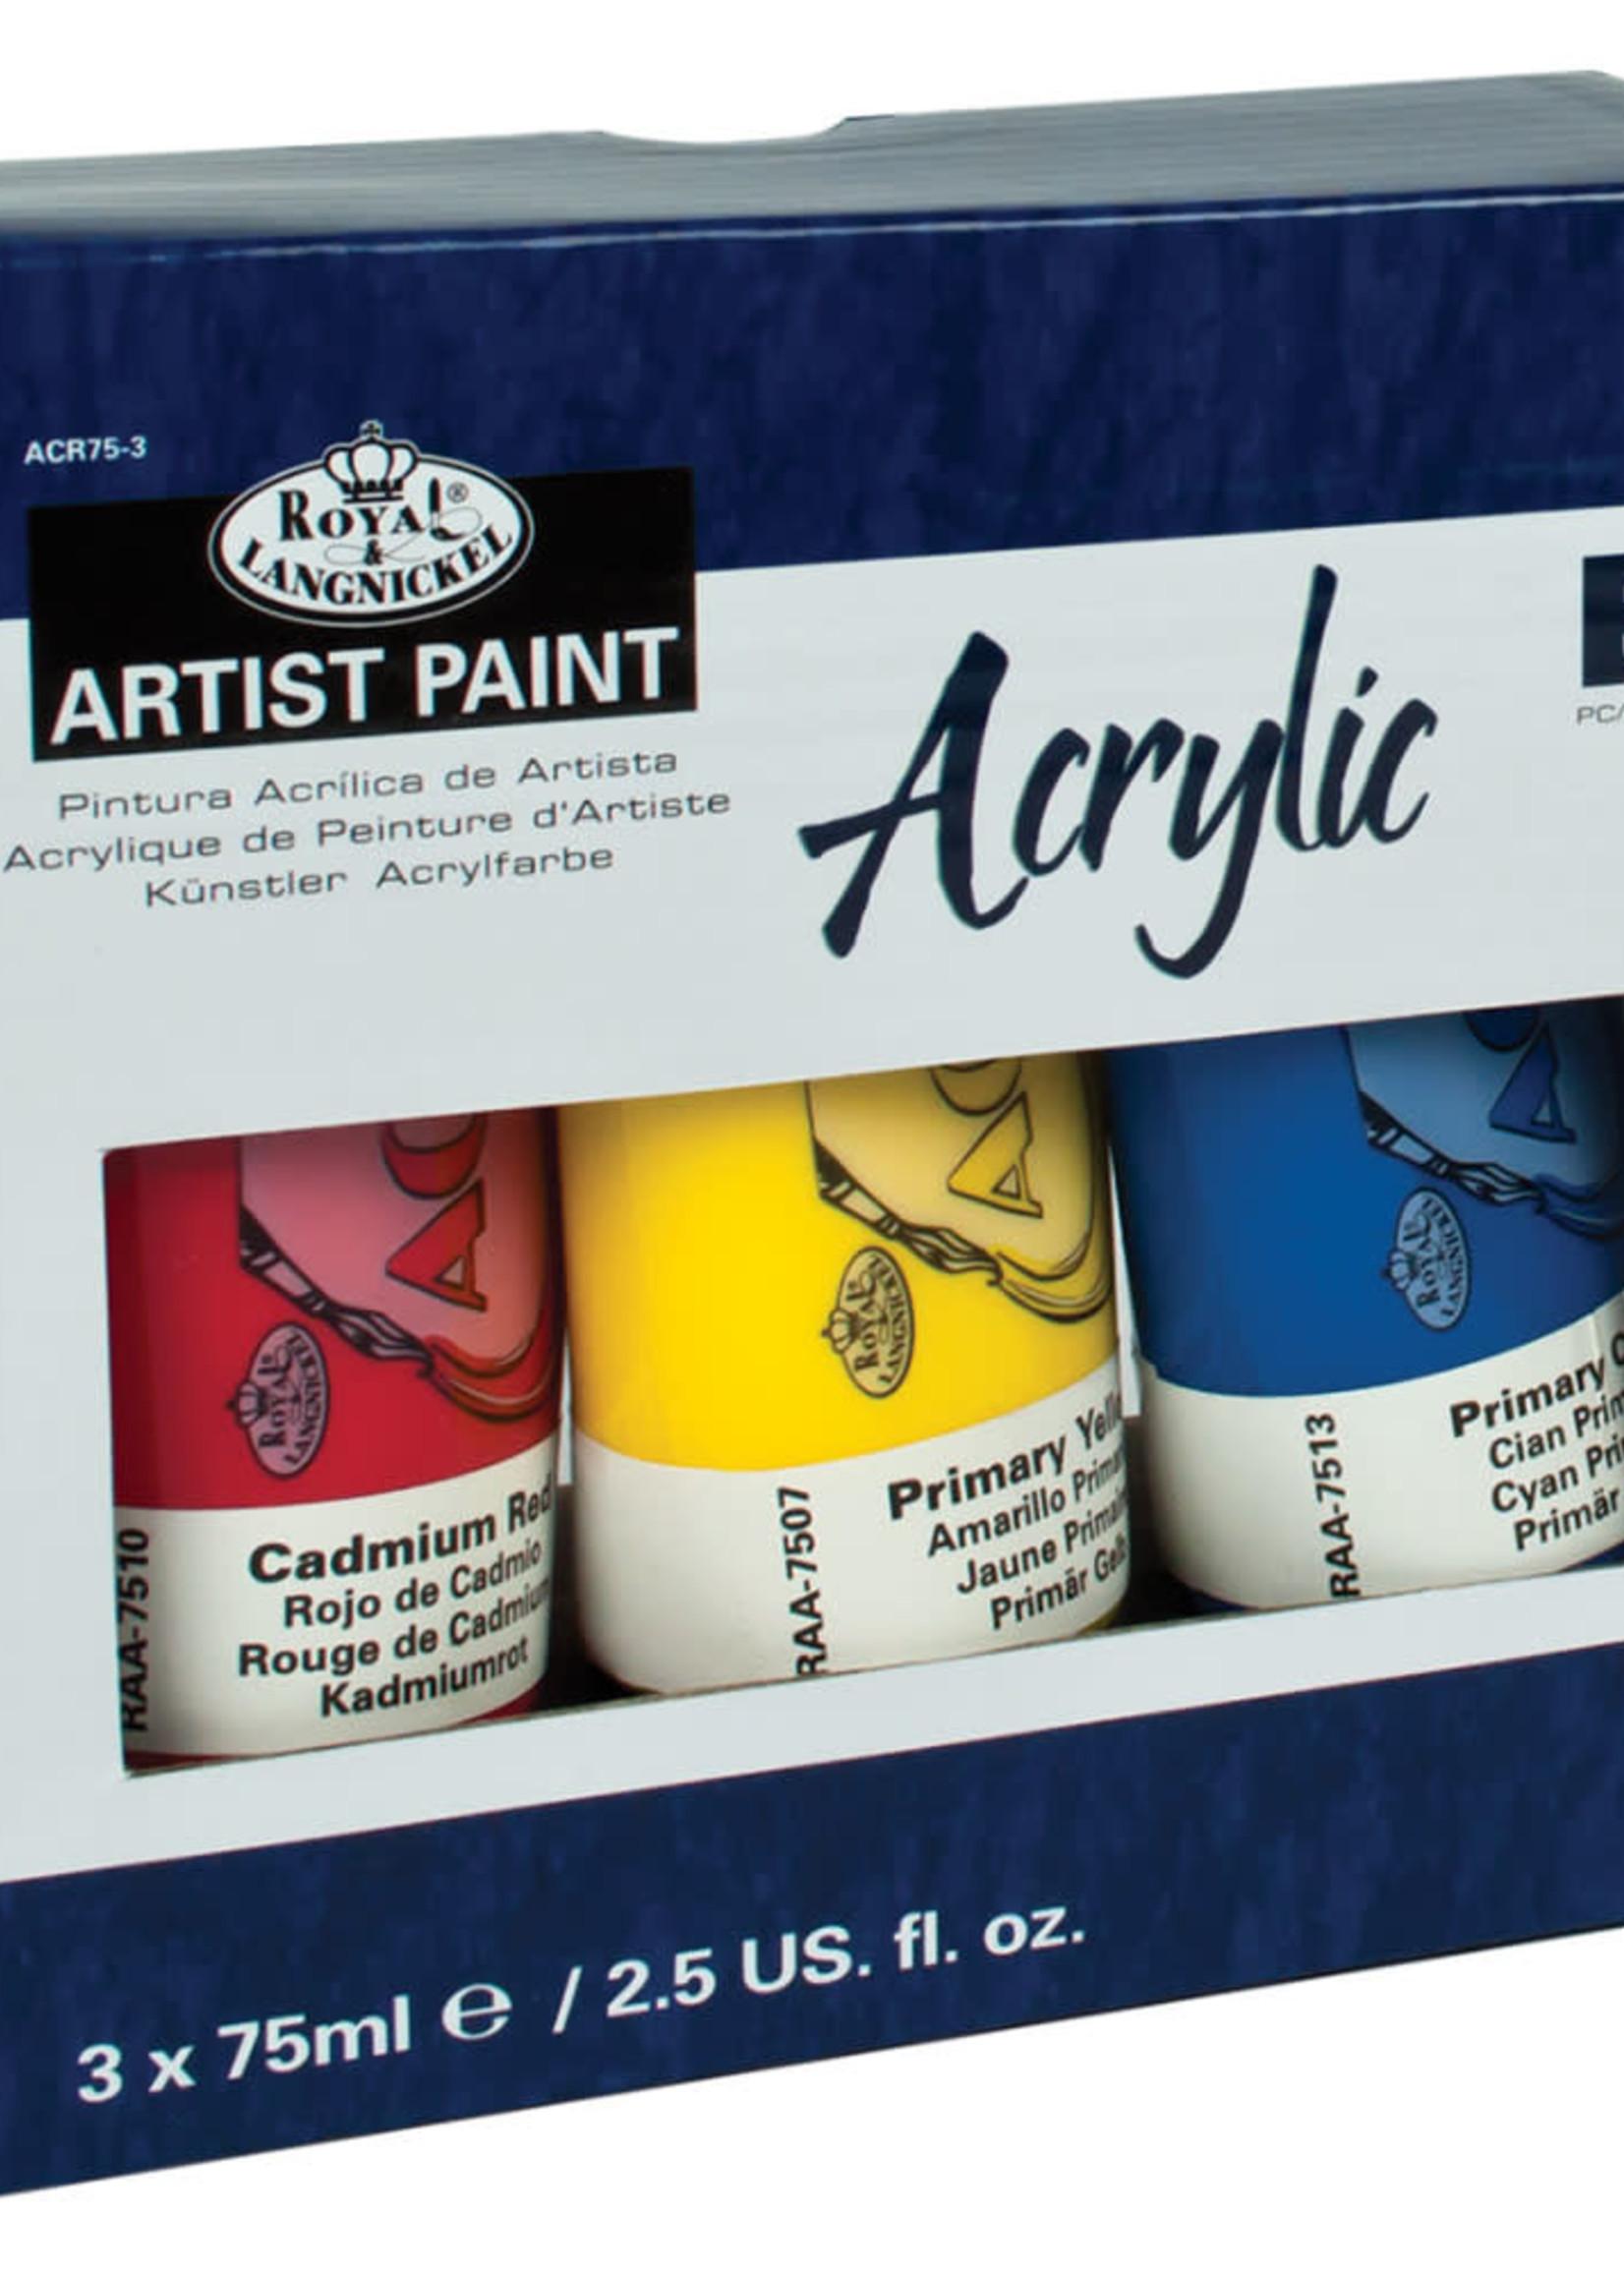 Royal Langnickel Royal & Langnickel Arcylic Paint Tubes (3 pc)